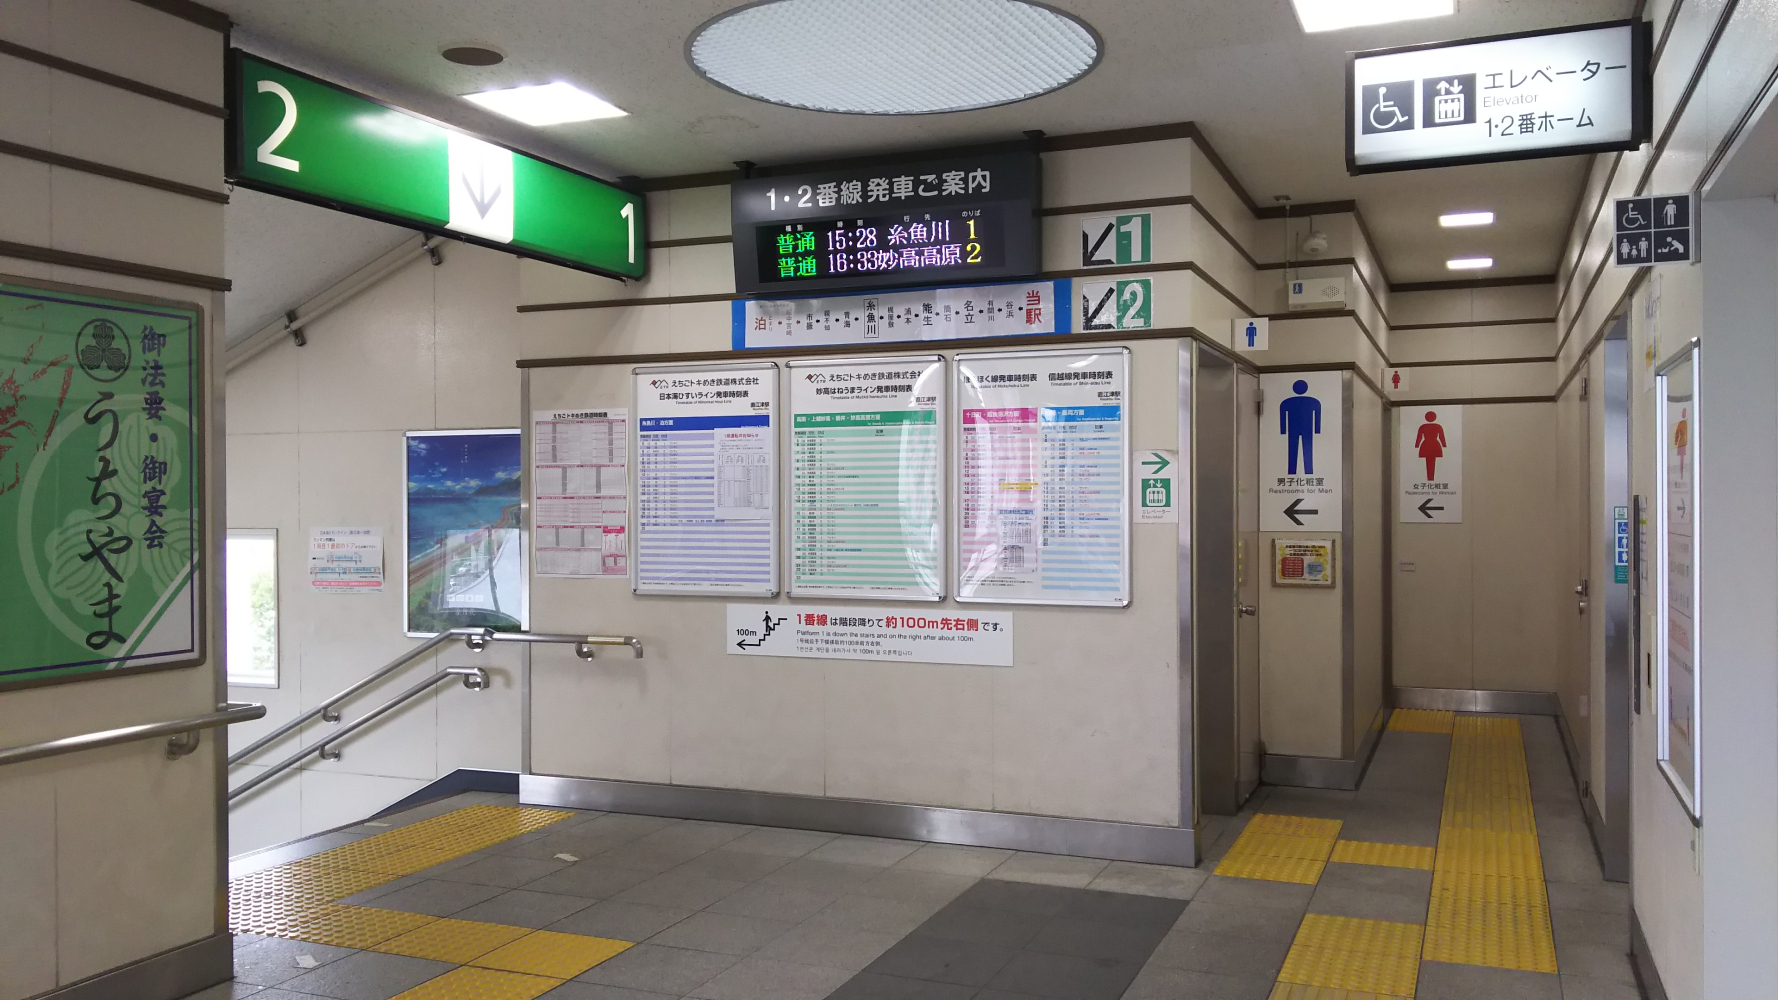 naoetsu_sta3-2.jpg